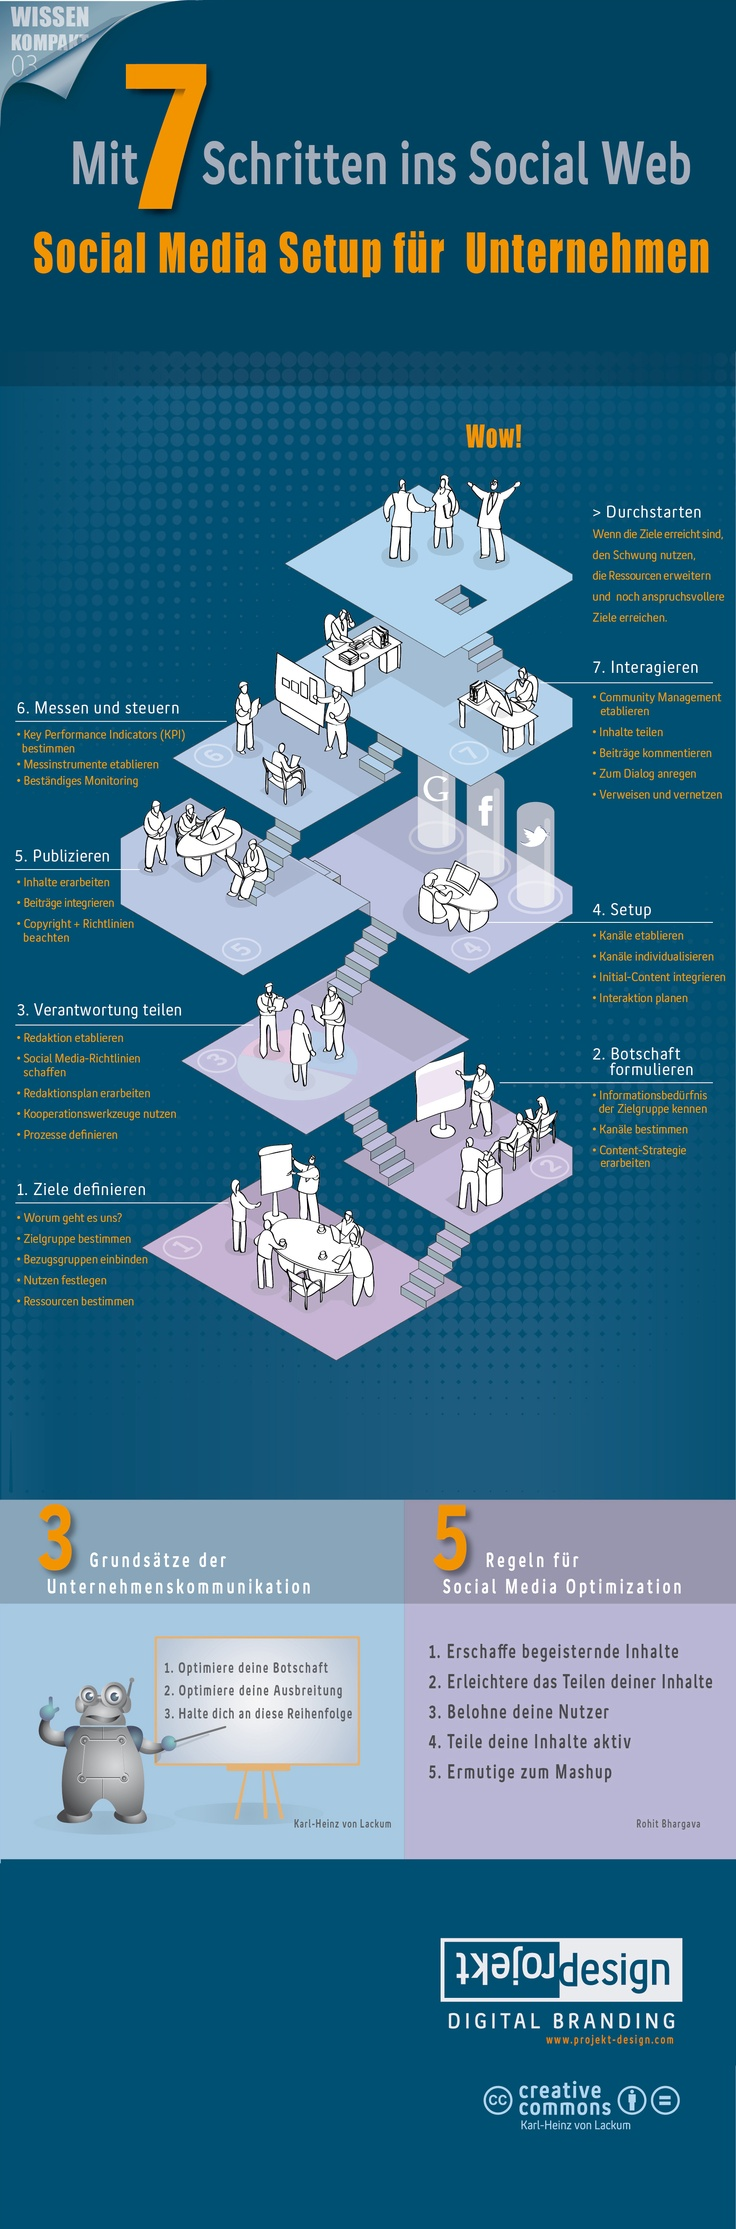 #Infografik: Social Media Setup in sieben Schritten. Was mittelständische Unternehmen bei Facebook und Co. beachten sollten. Infografik von Projekt Design Karl-Heinz von Lackum www.projekt-design.com.